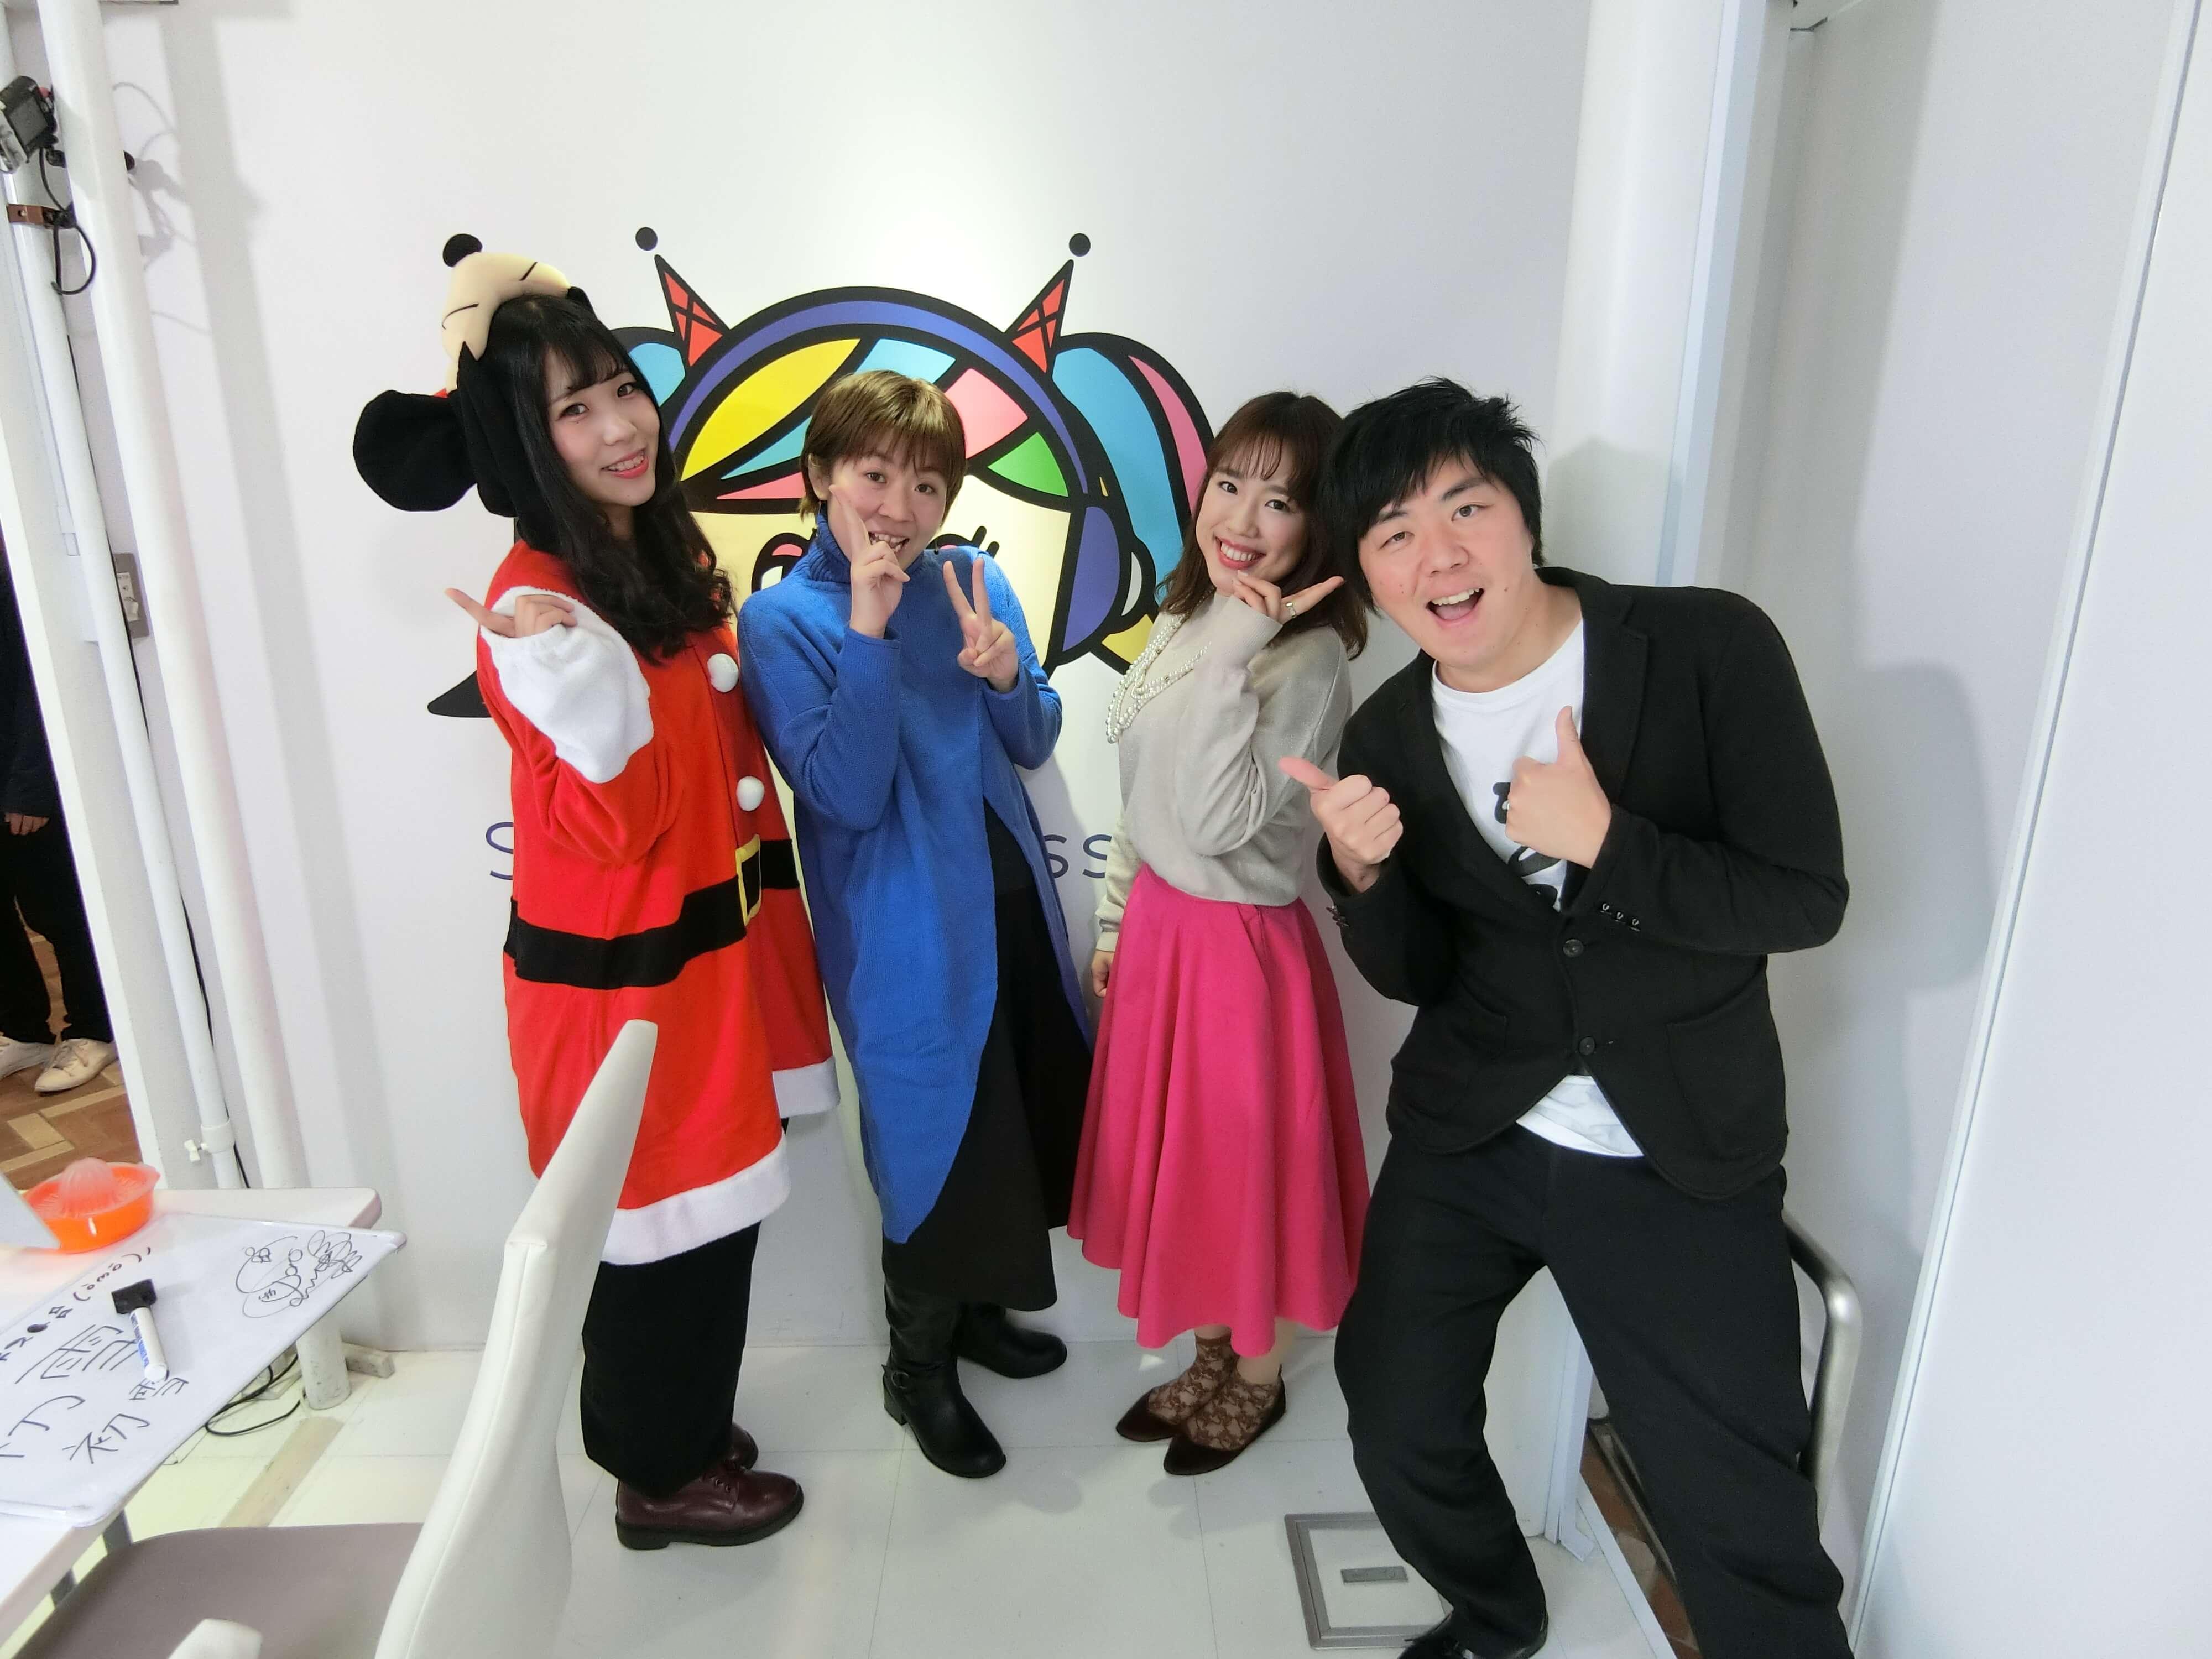 渋谷クロスFM『みつくんの新鮮アーティスト!生絞り!』に出演しました♪